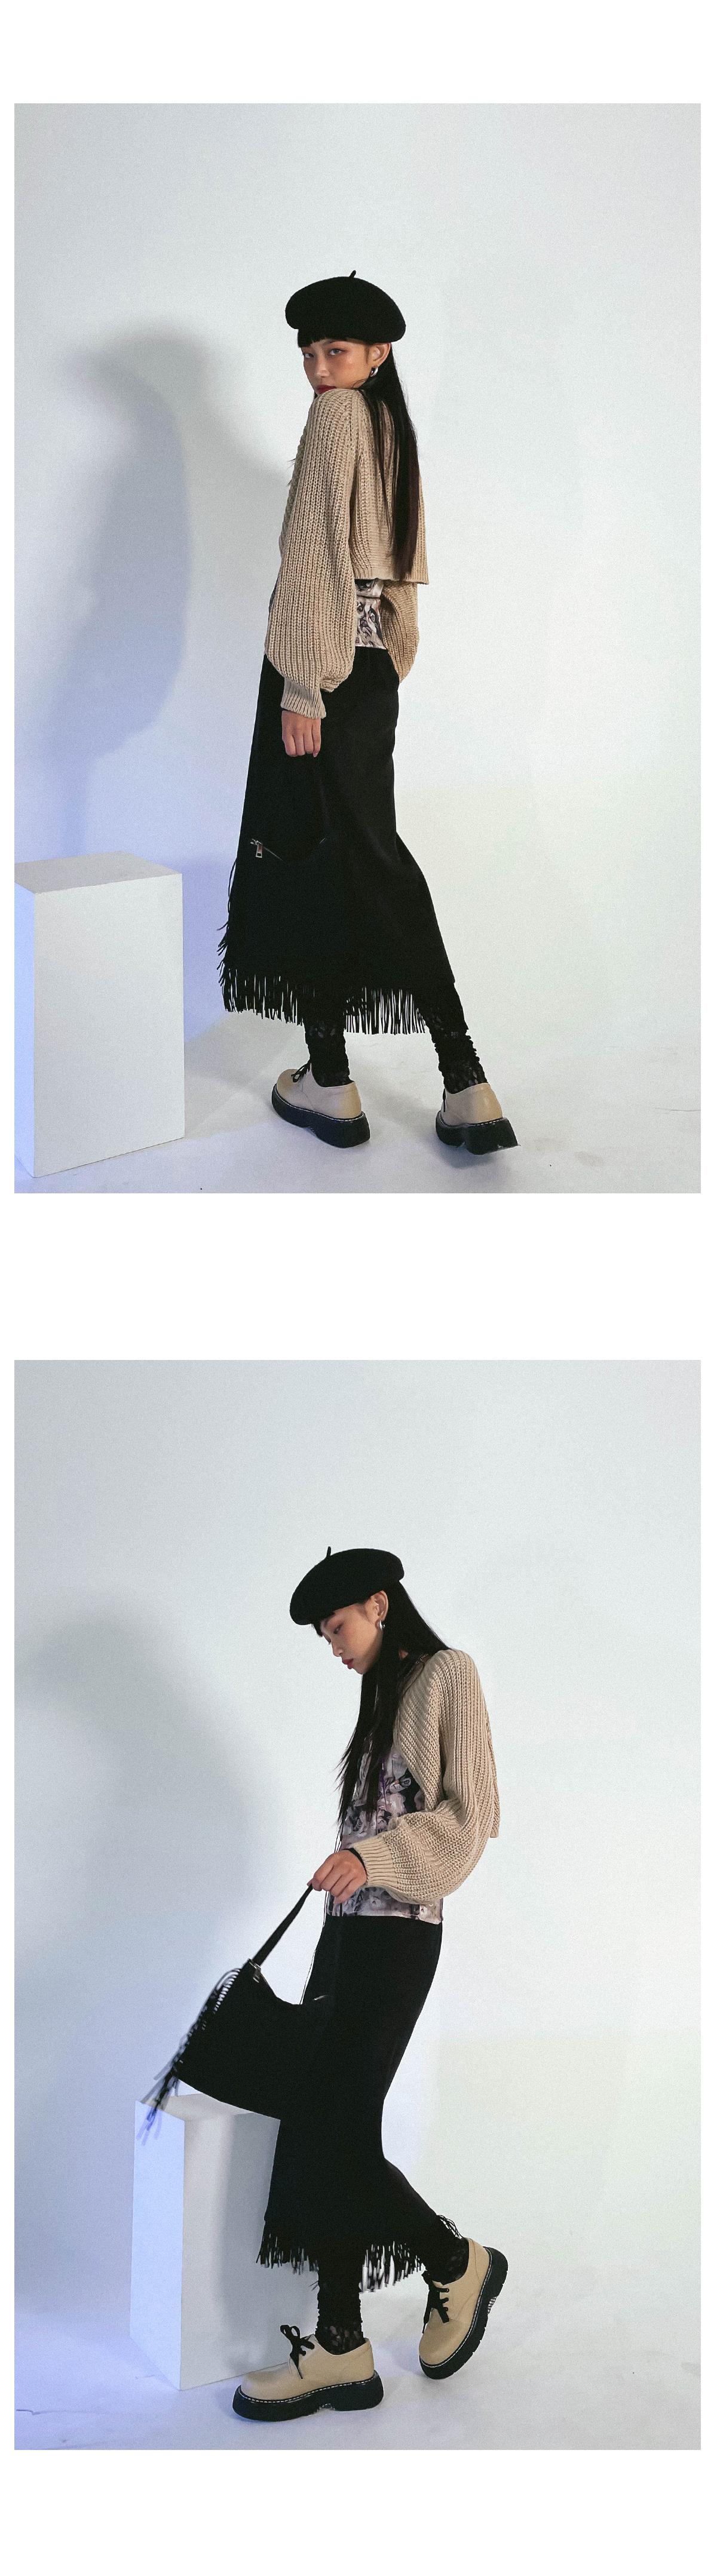 Trick Knitwear Bolero